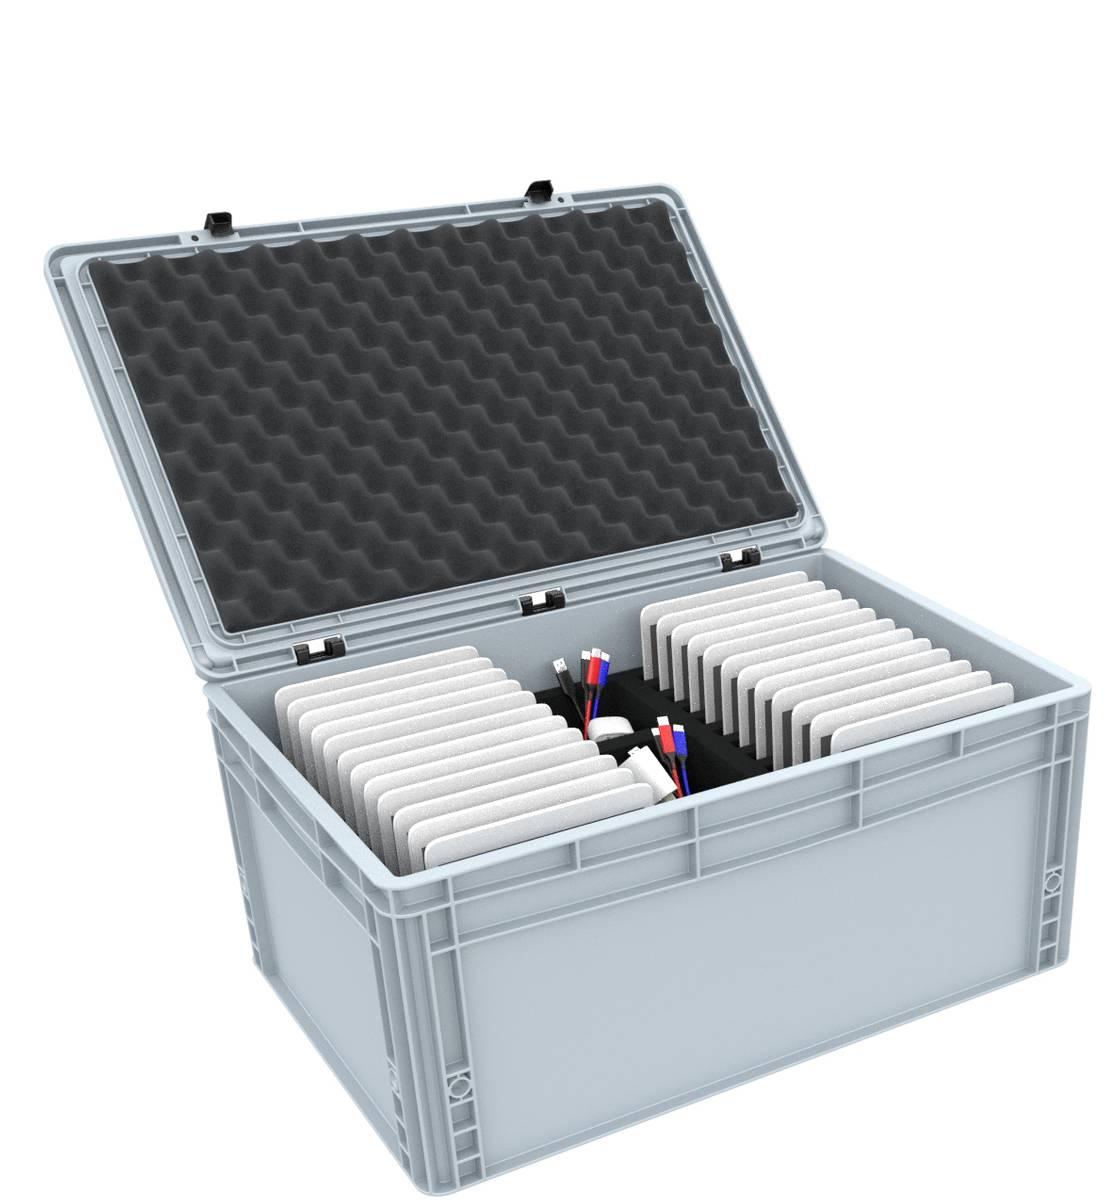 Box für 24 Tablets in schmalen Hüllen bis 14 mm - kompatibel mit Apple iPad, Samsung Galaxy Tab A oder Microsoft Surface Go